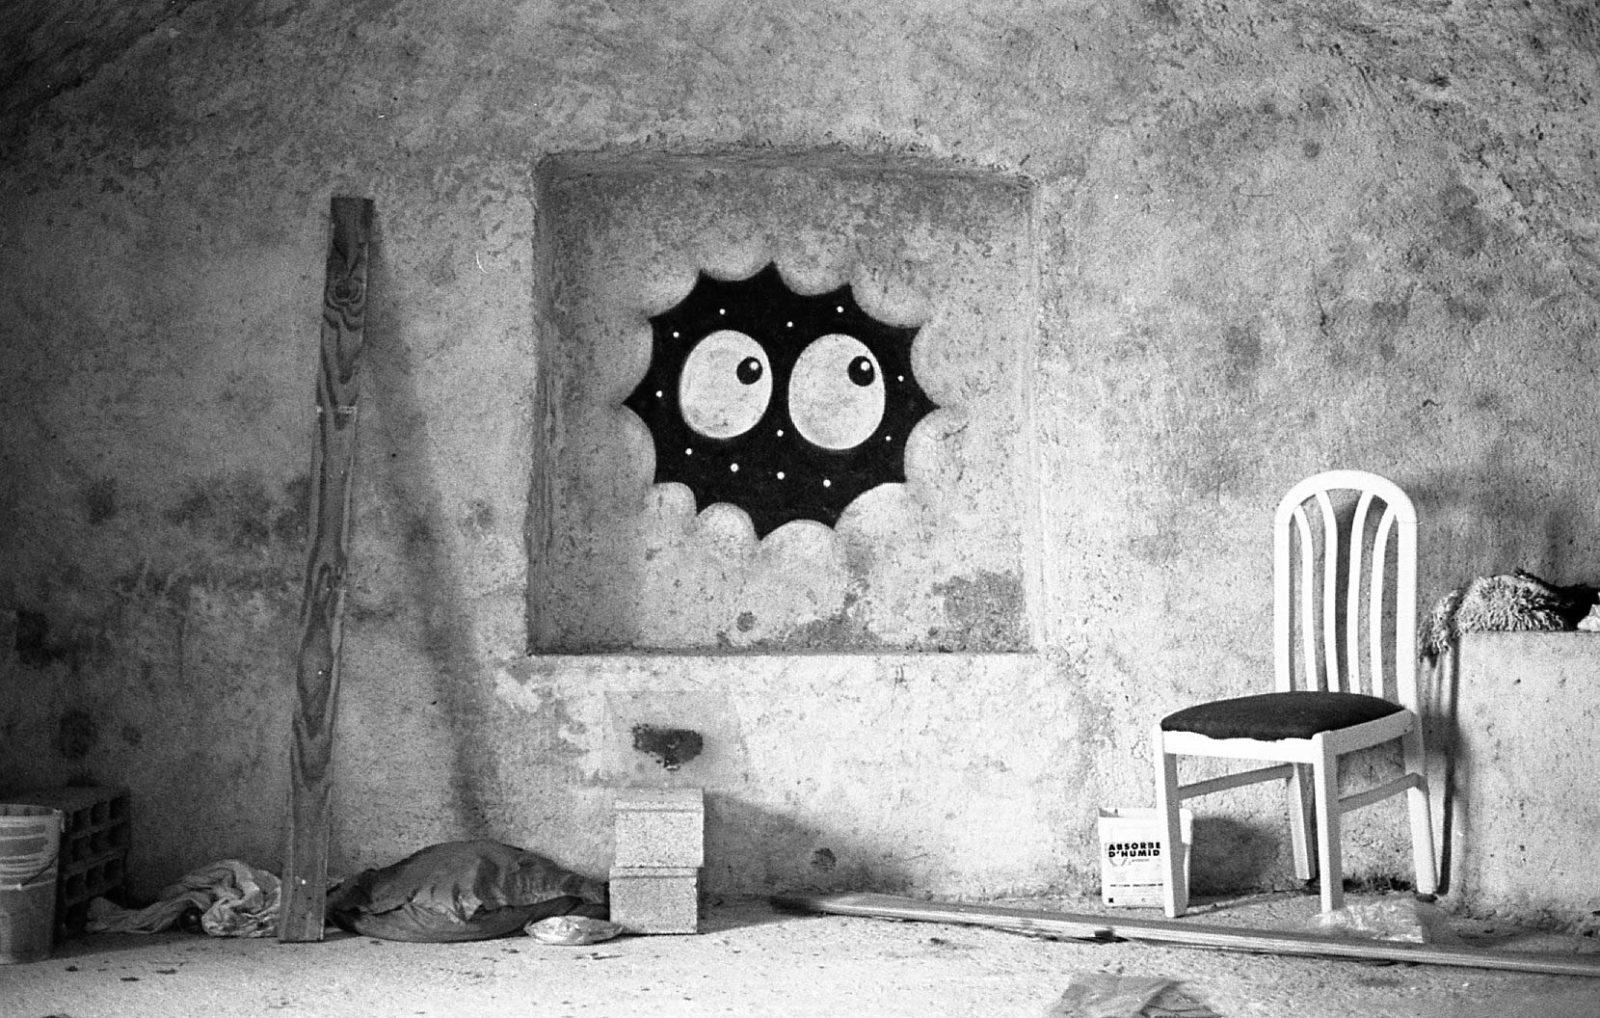 Iretge ulule radar argentique livre projet soutien portraits photographie roadtrip 44 - Coup de pouce RADAR x Ulule : IRETGE